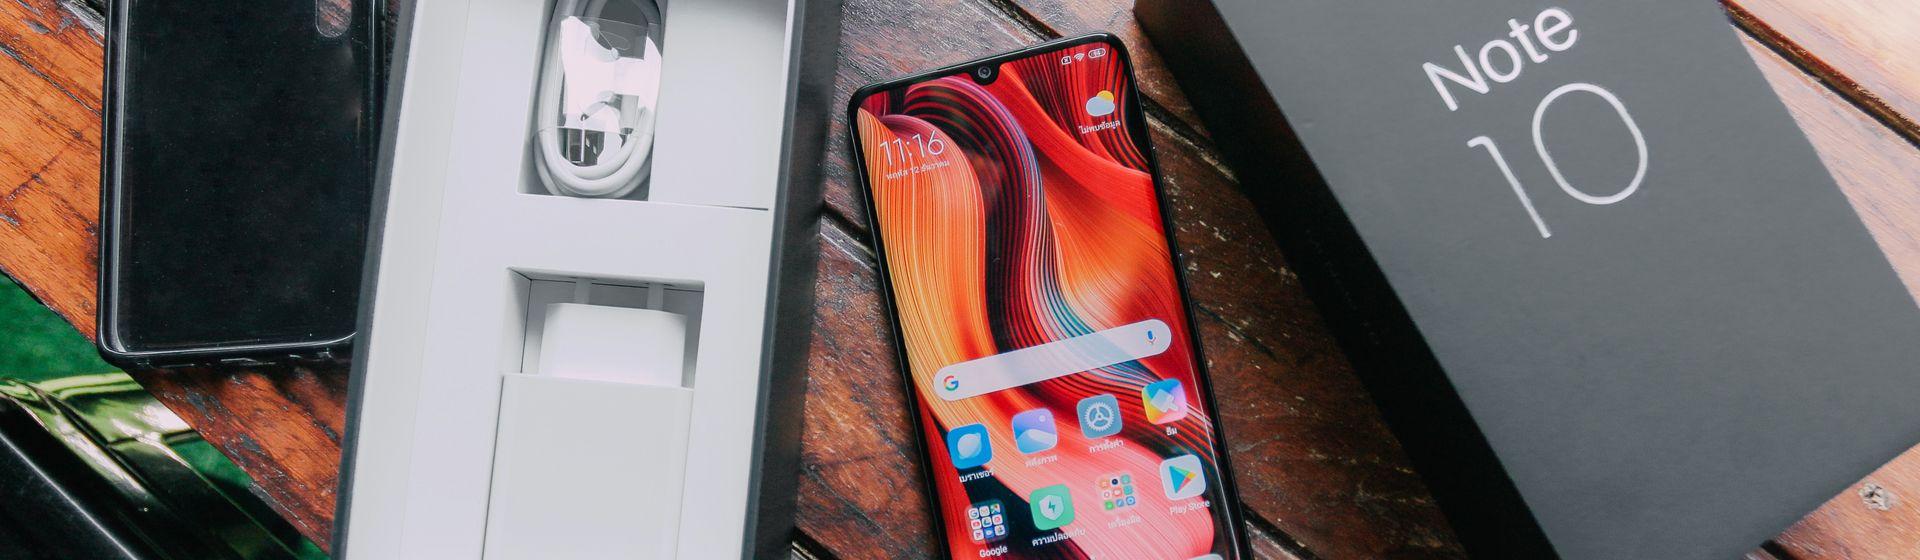 Melhor Xiaomi em 2020: 9 celulares para comprar no Brasil